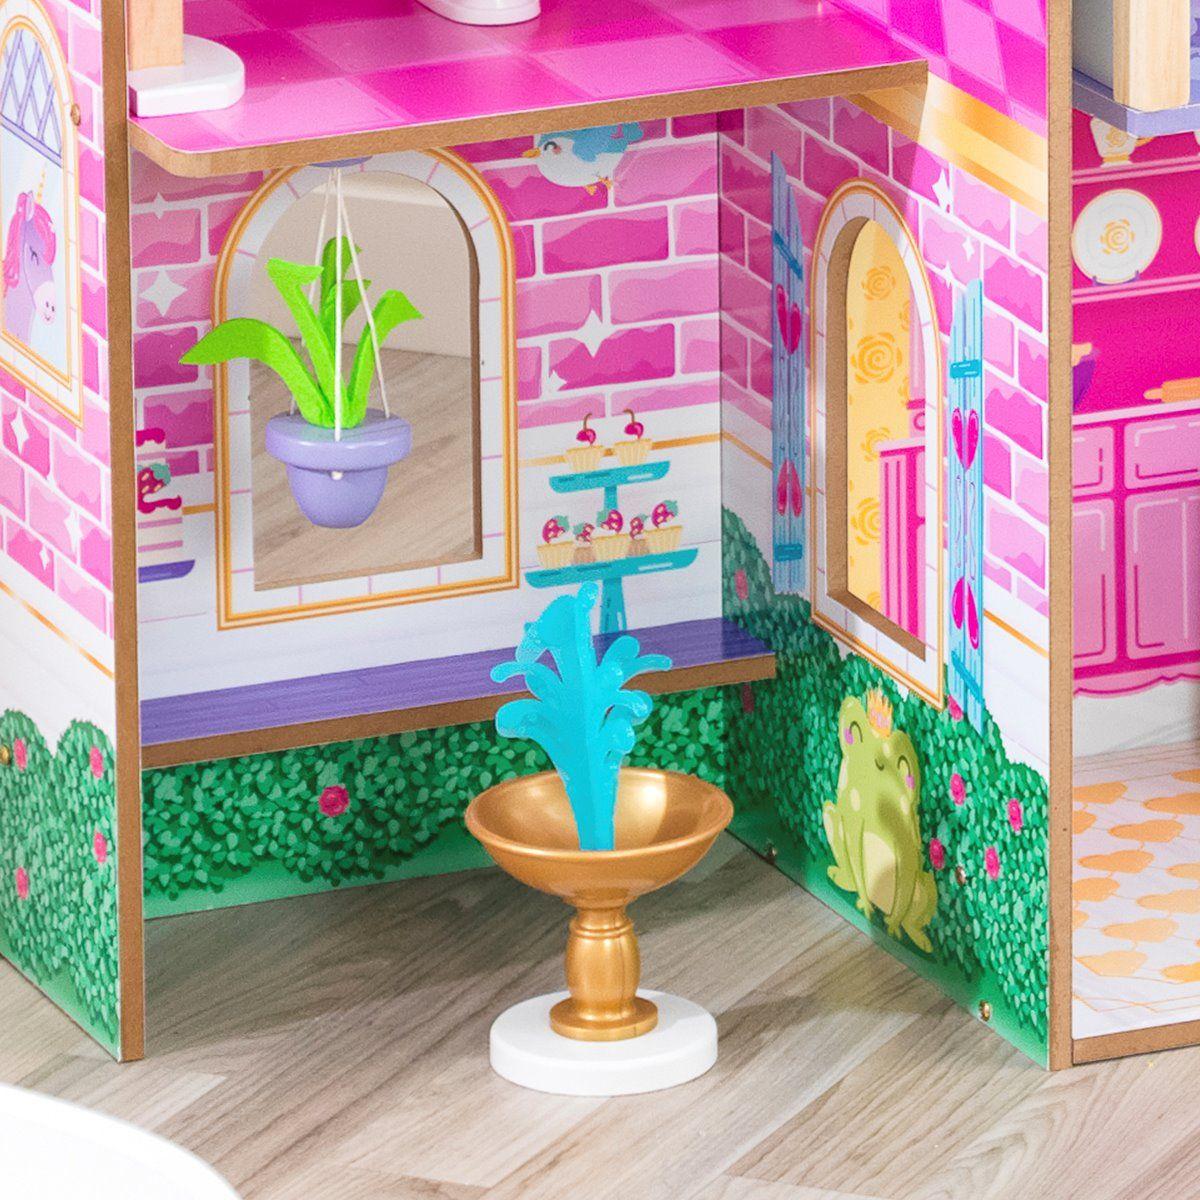 Замък за принцеси - дървени къщи за кукли от Kidkraft-bellamiestore